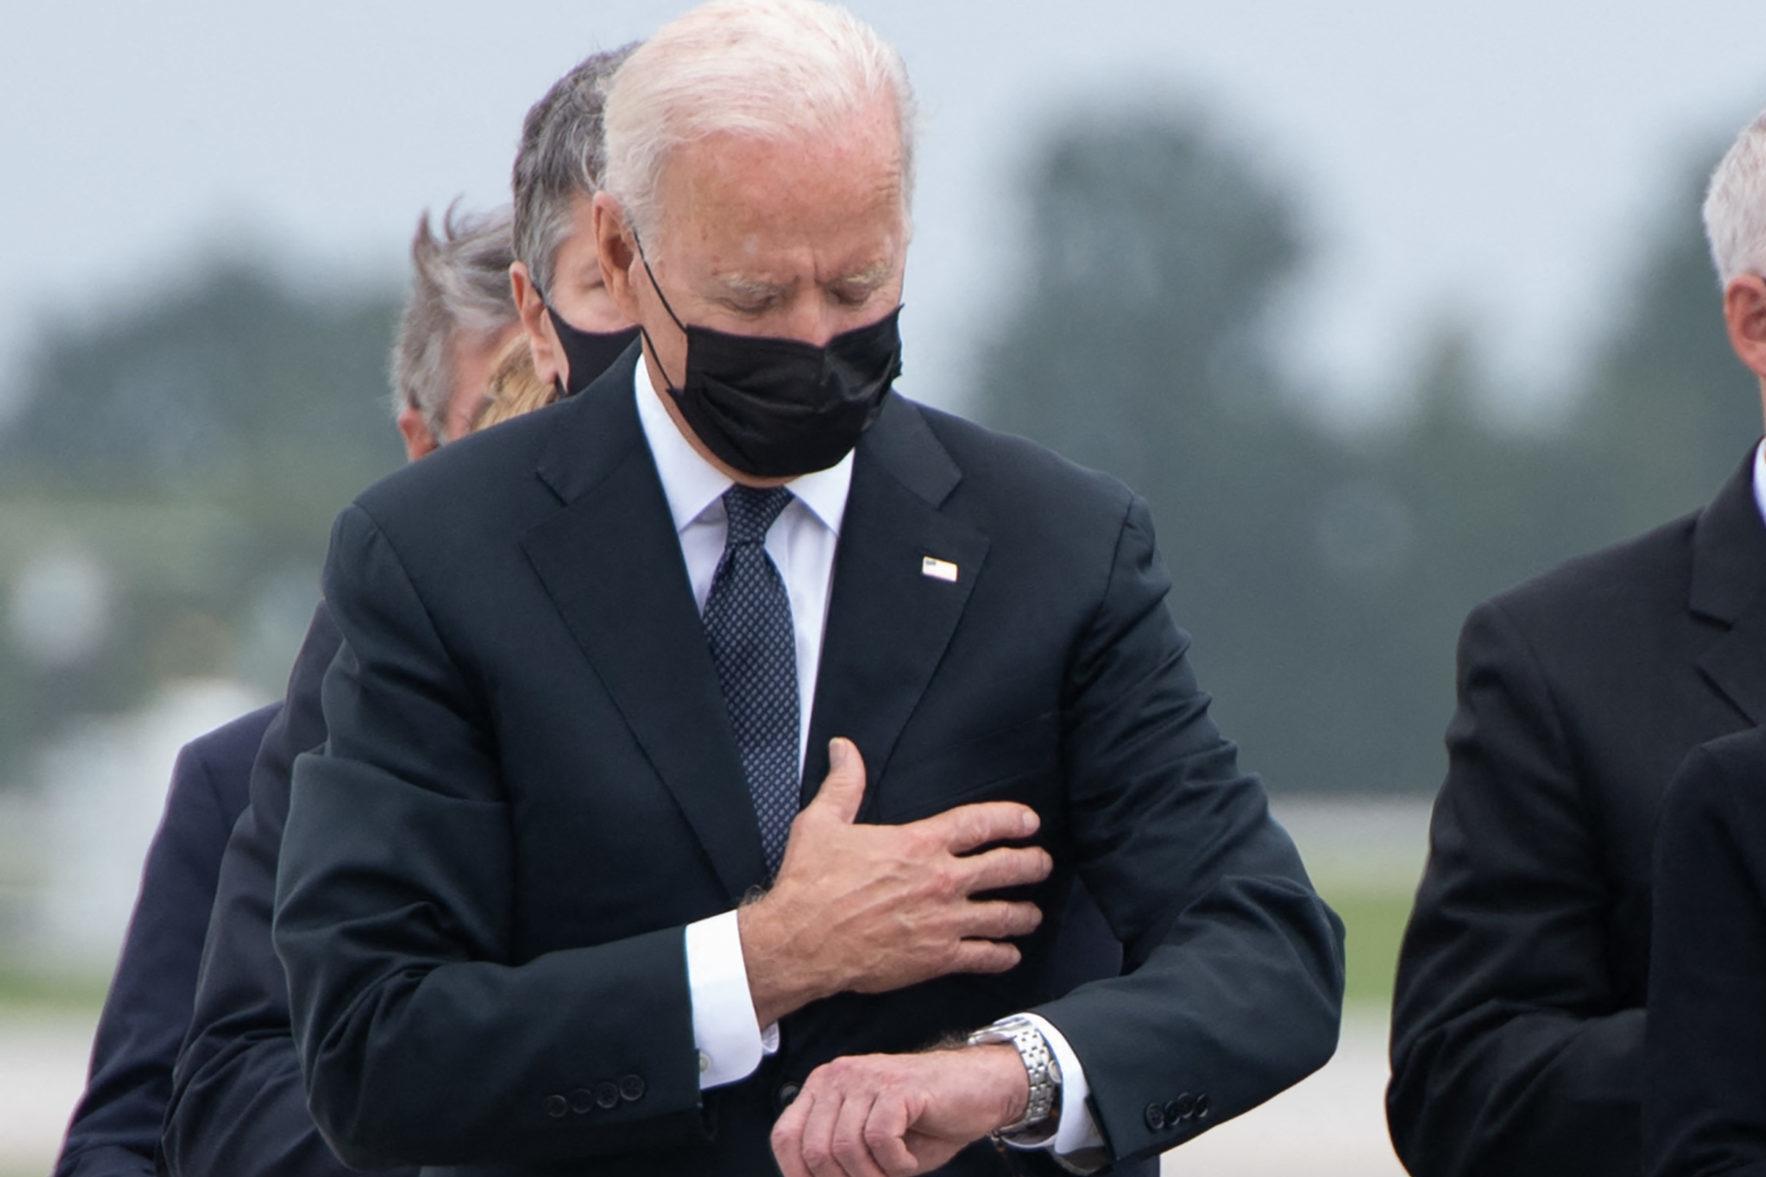 Joe Biden is not the grief whisperer - The Spectator World